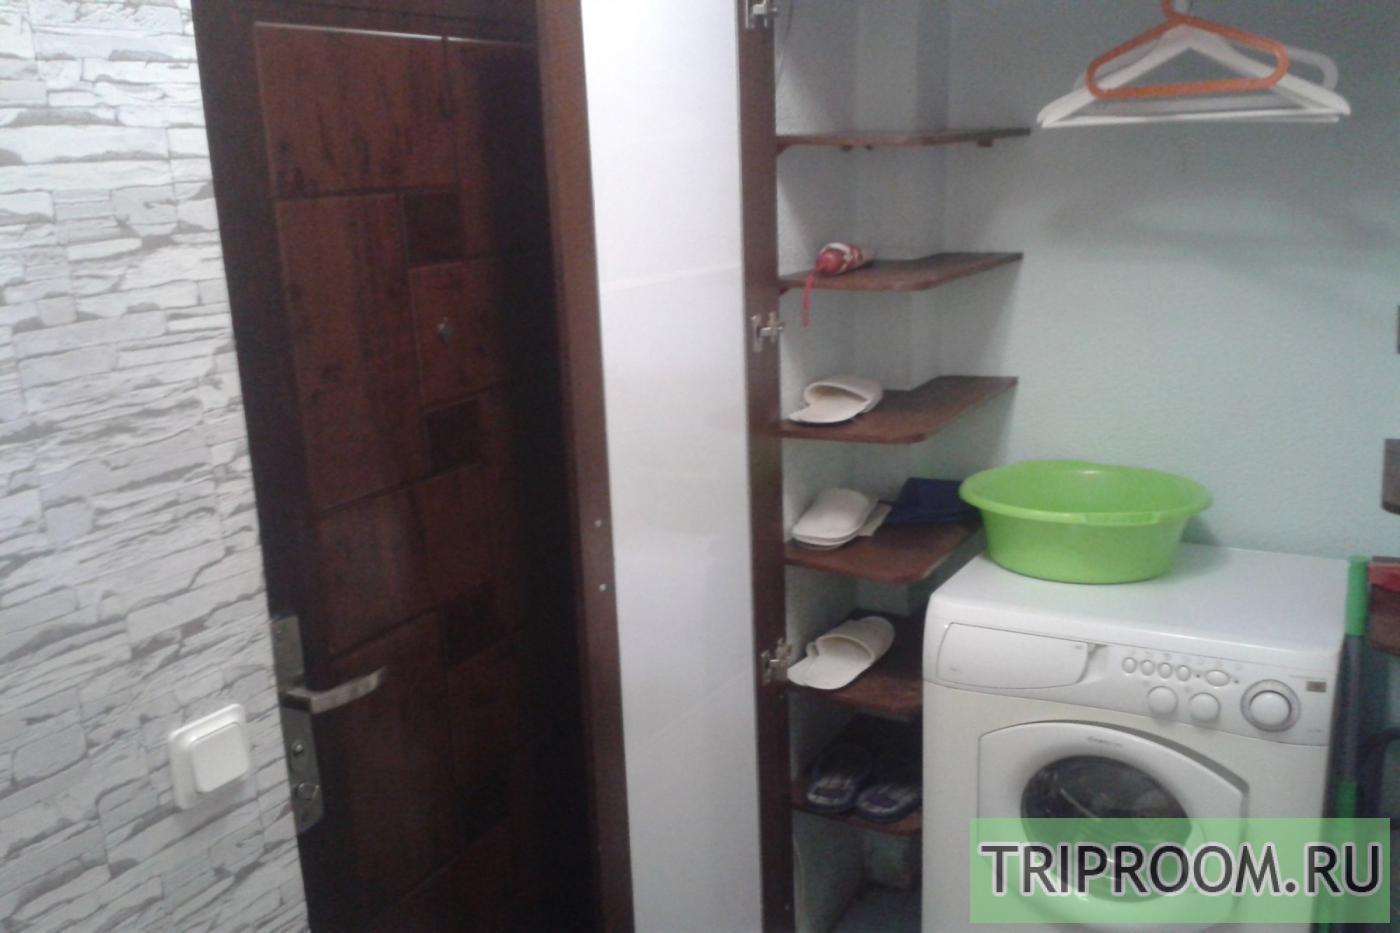 1-комнатная квартира посуточно (вариант № 2452), ул. Невская улица, фото № 18